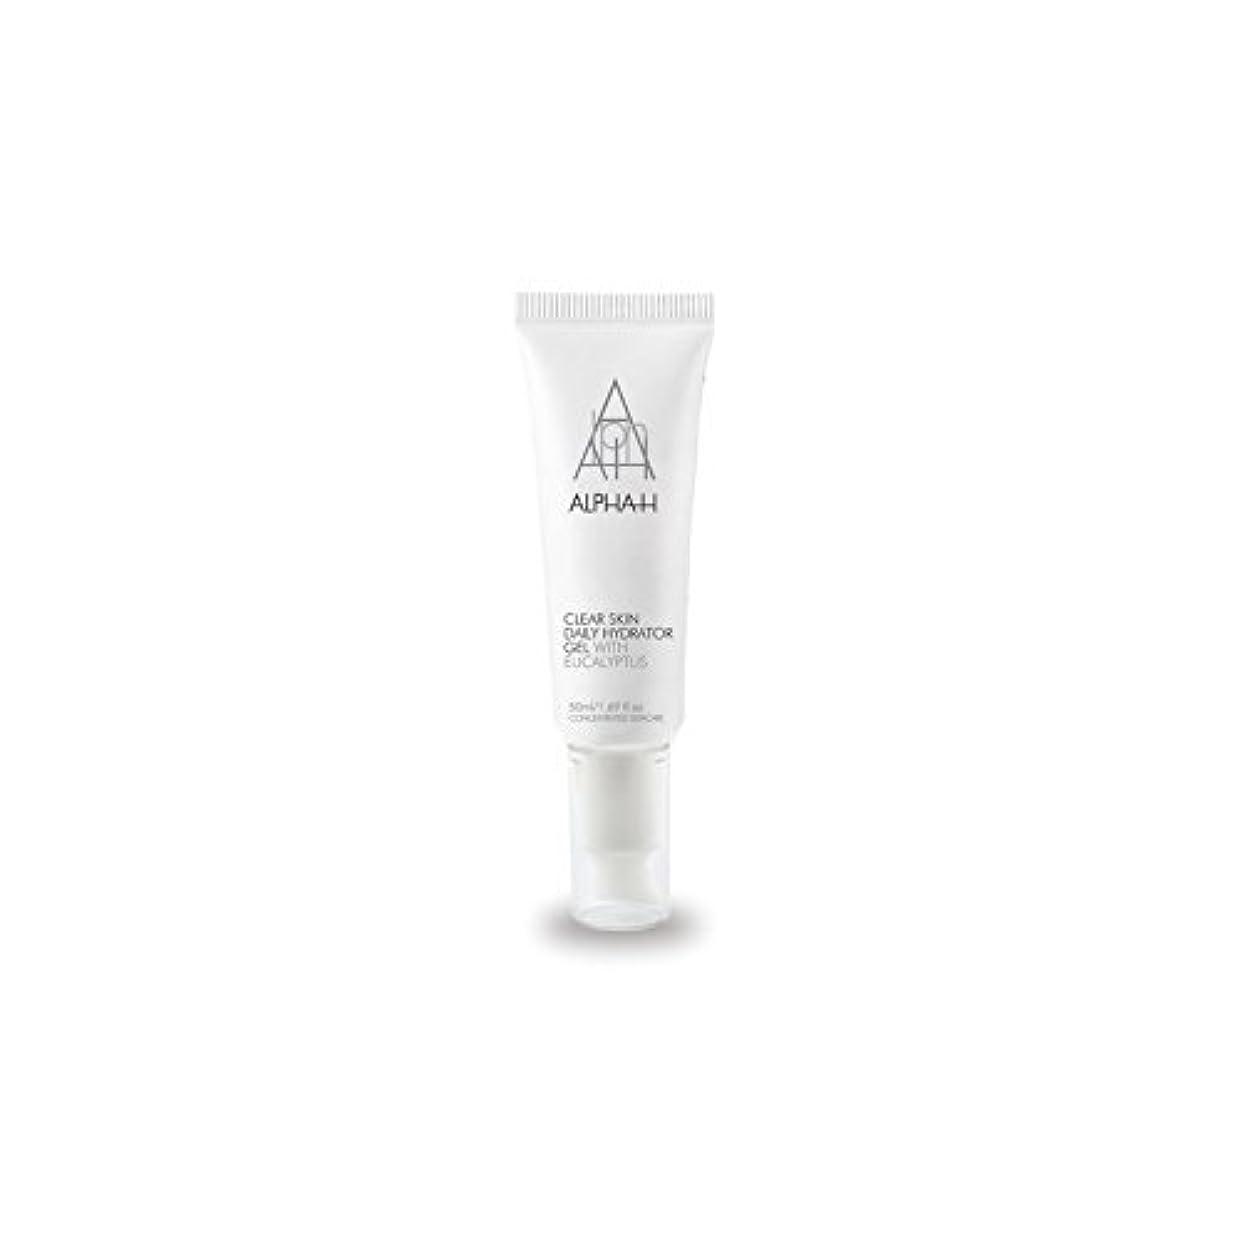 カレッジ理想的ポゴスティックジャンプアルファクリア皮膚毎日ハイドレーターゲル(50)中 x2 - Alpha-H Clear Skin Daily Hydrator Gel (50ml) (Pack of 2) [並行輸入品]